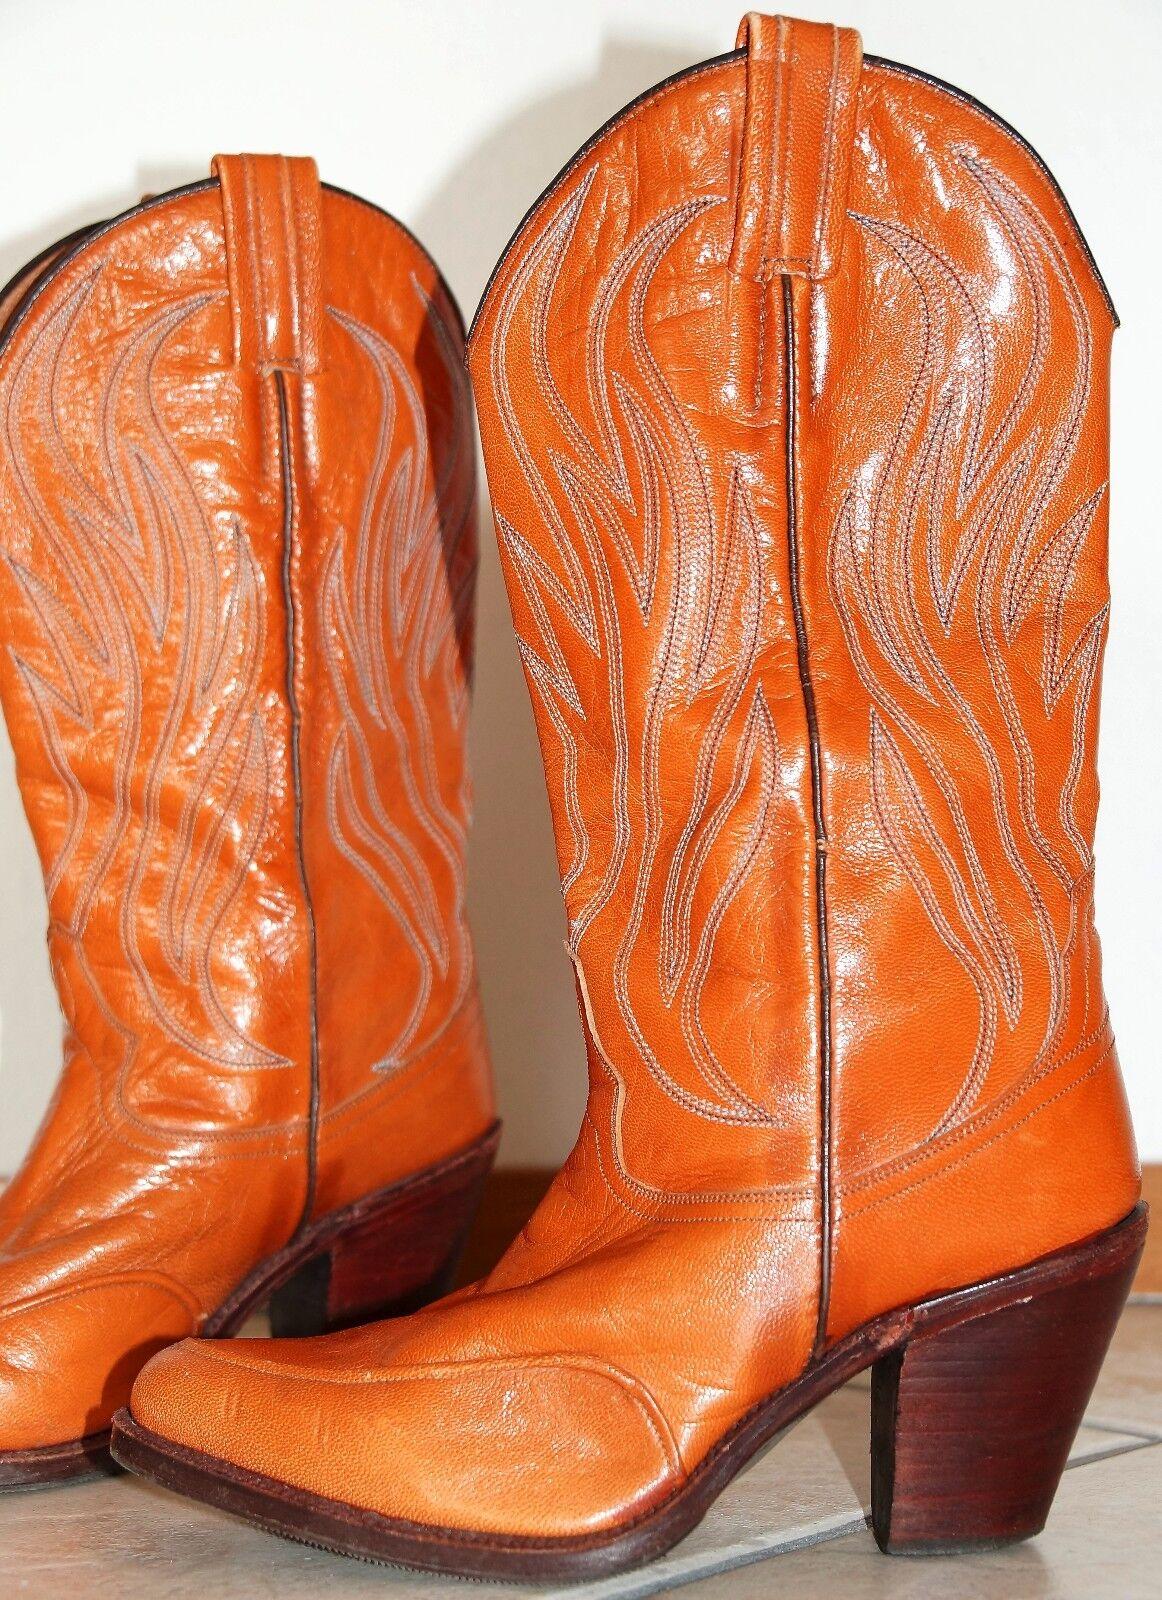 Tony mora 36, elegante cuero cuero cuero auténtico campus rodeo Western botas botas de cowboy, 8 cm a051d1